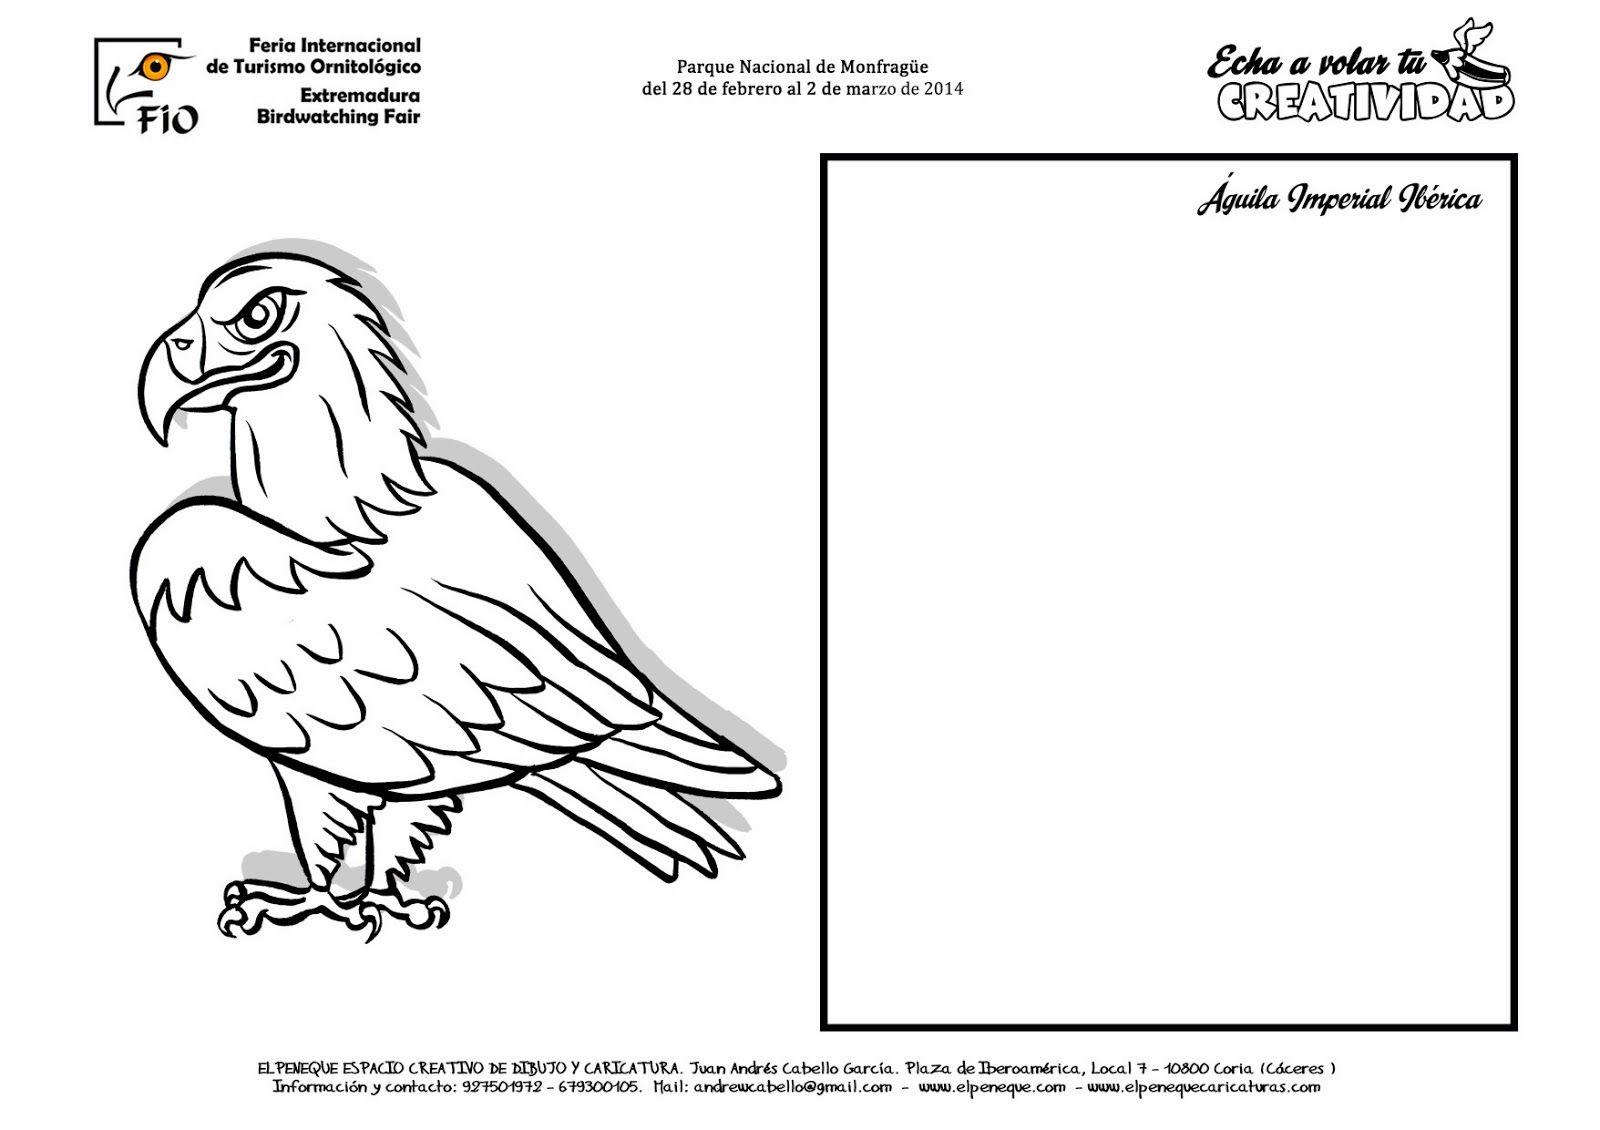 FICHAS DE AVES PARA DIBUJAR Y COLOREAR EN FIO | Águila imperial ...